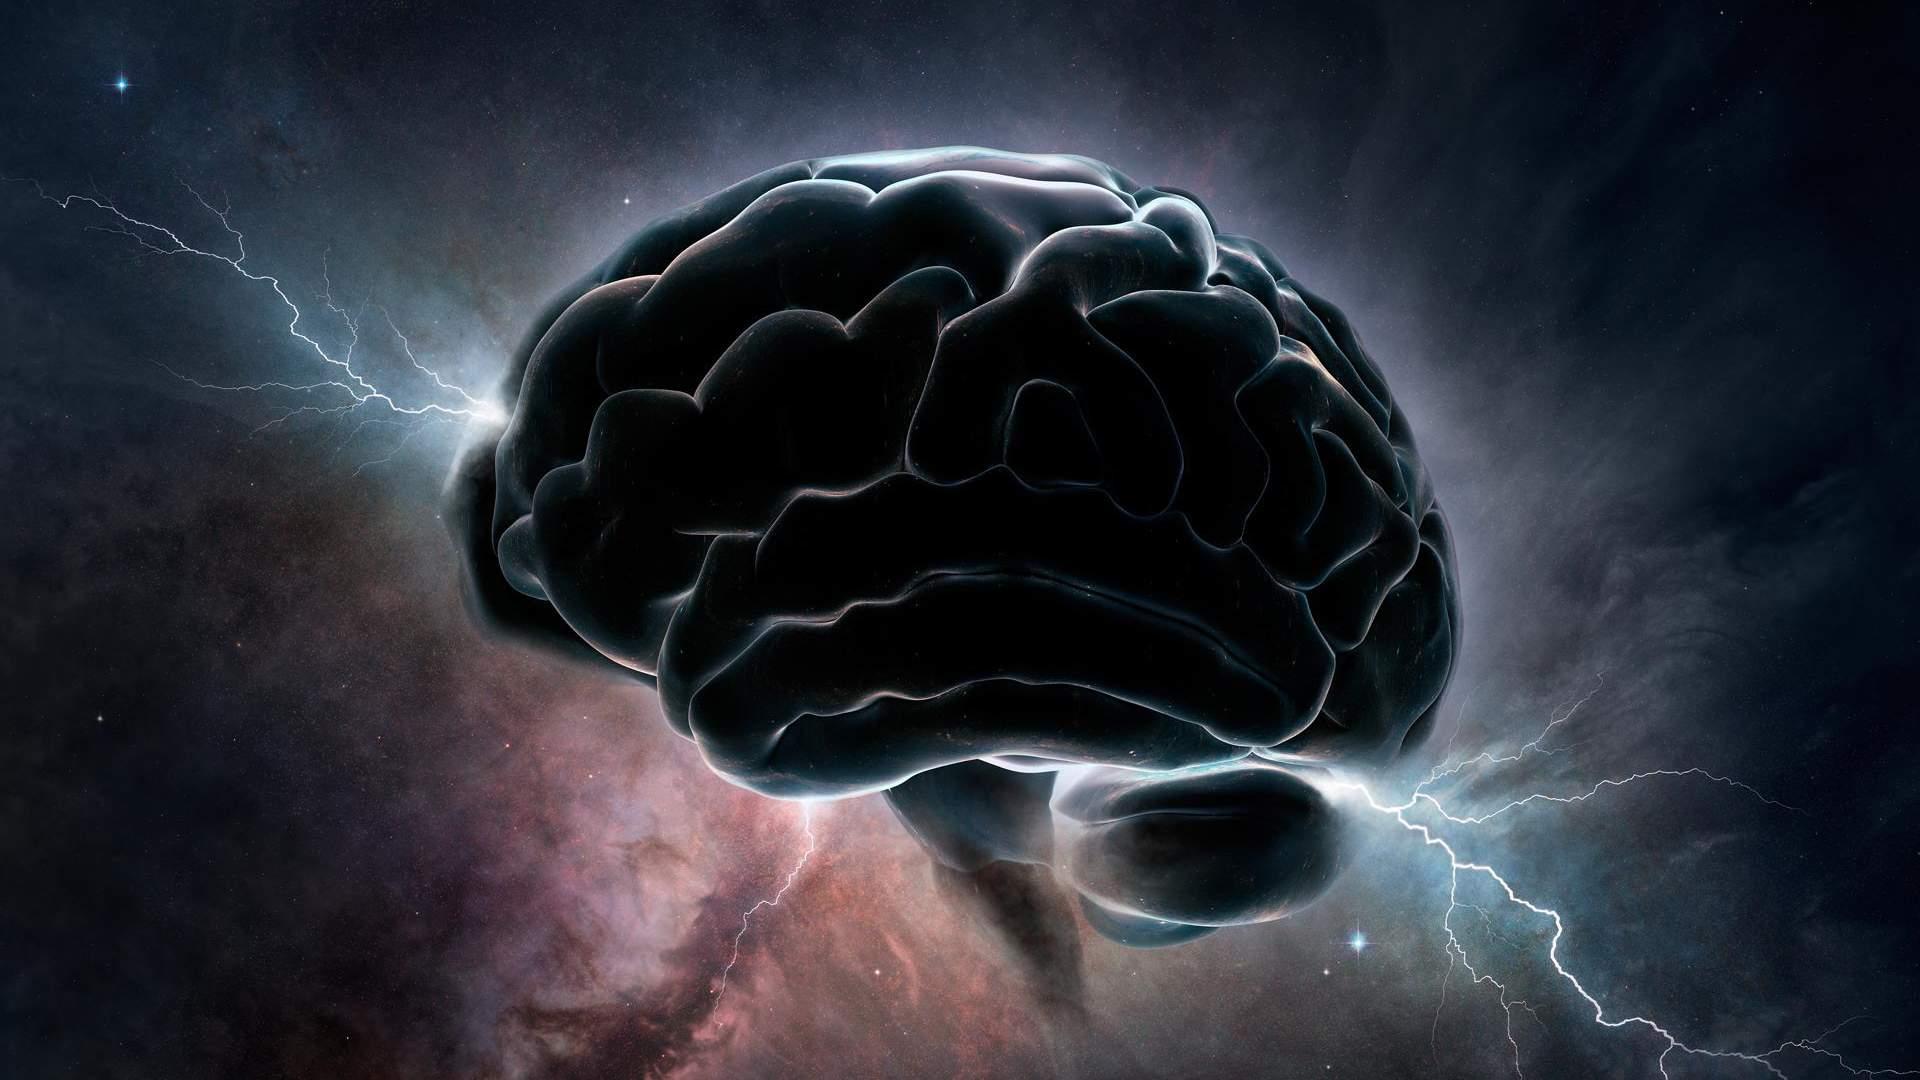 мозг и вселенная картинка сих пор